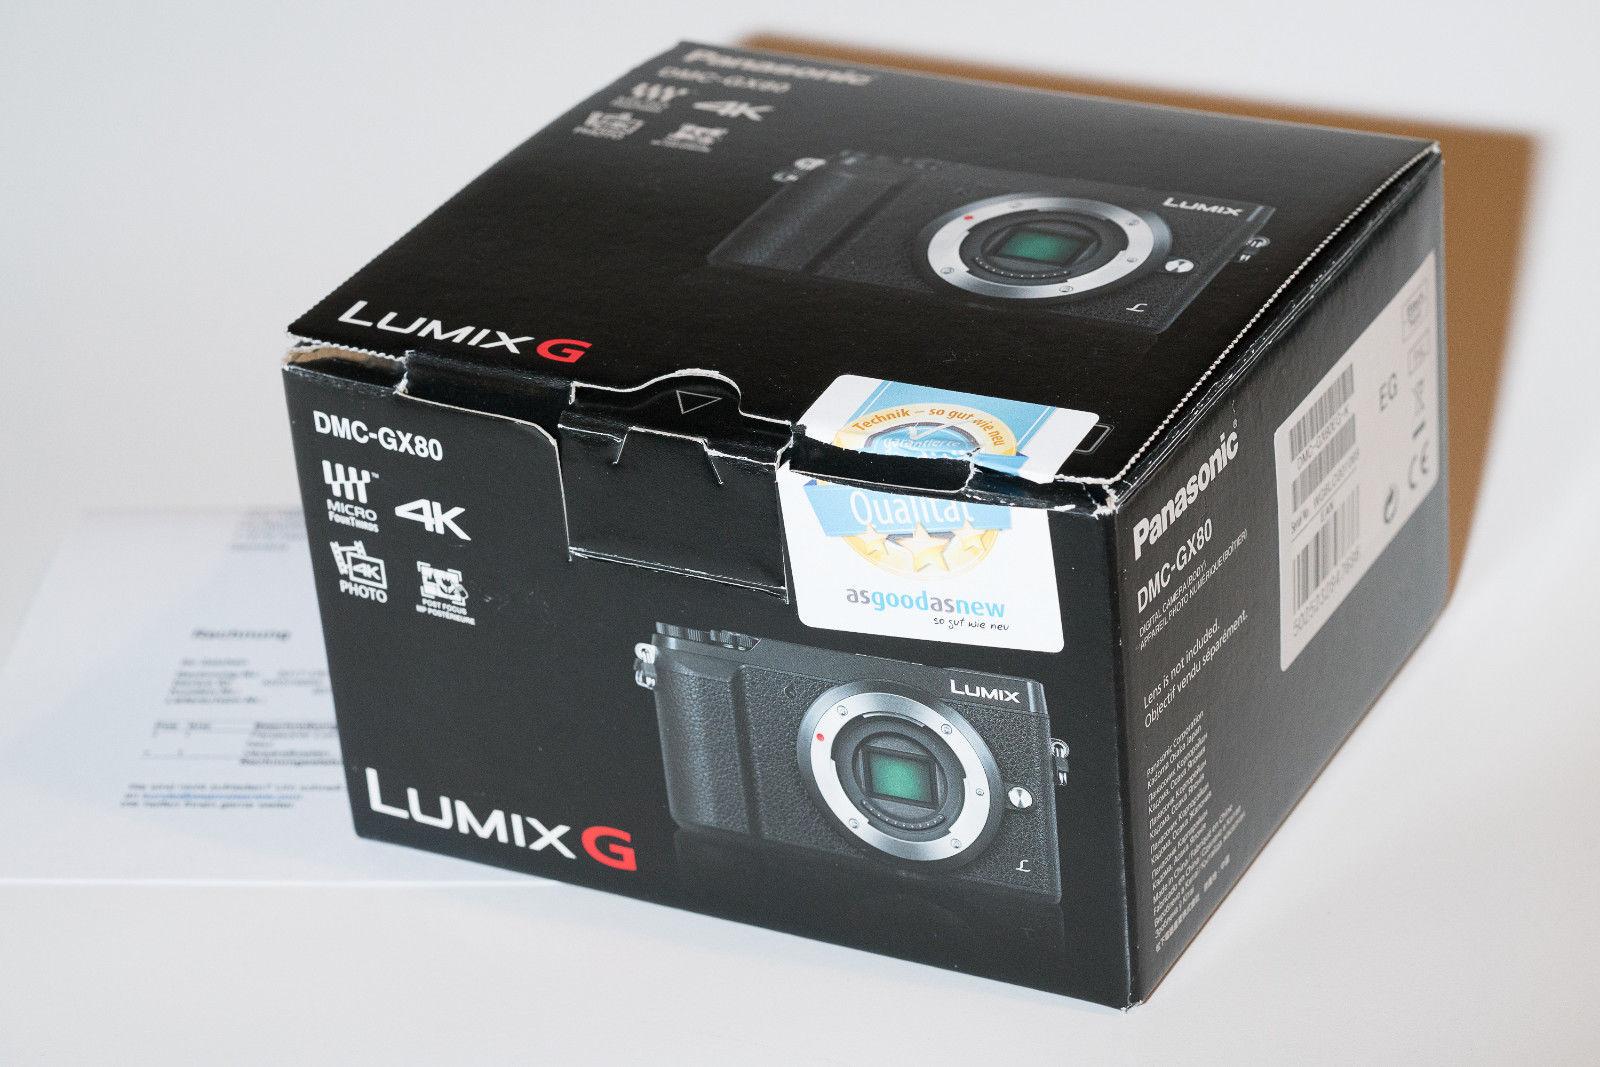 Panasonic DMC- Gx80 Lumix G sehr gut top, Rechnung